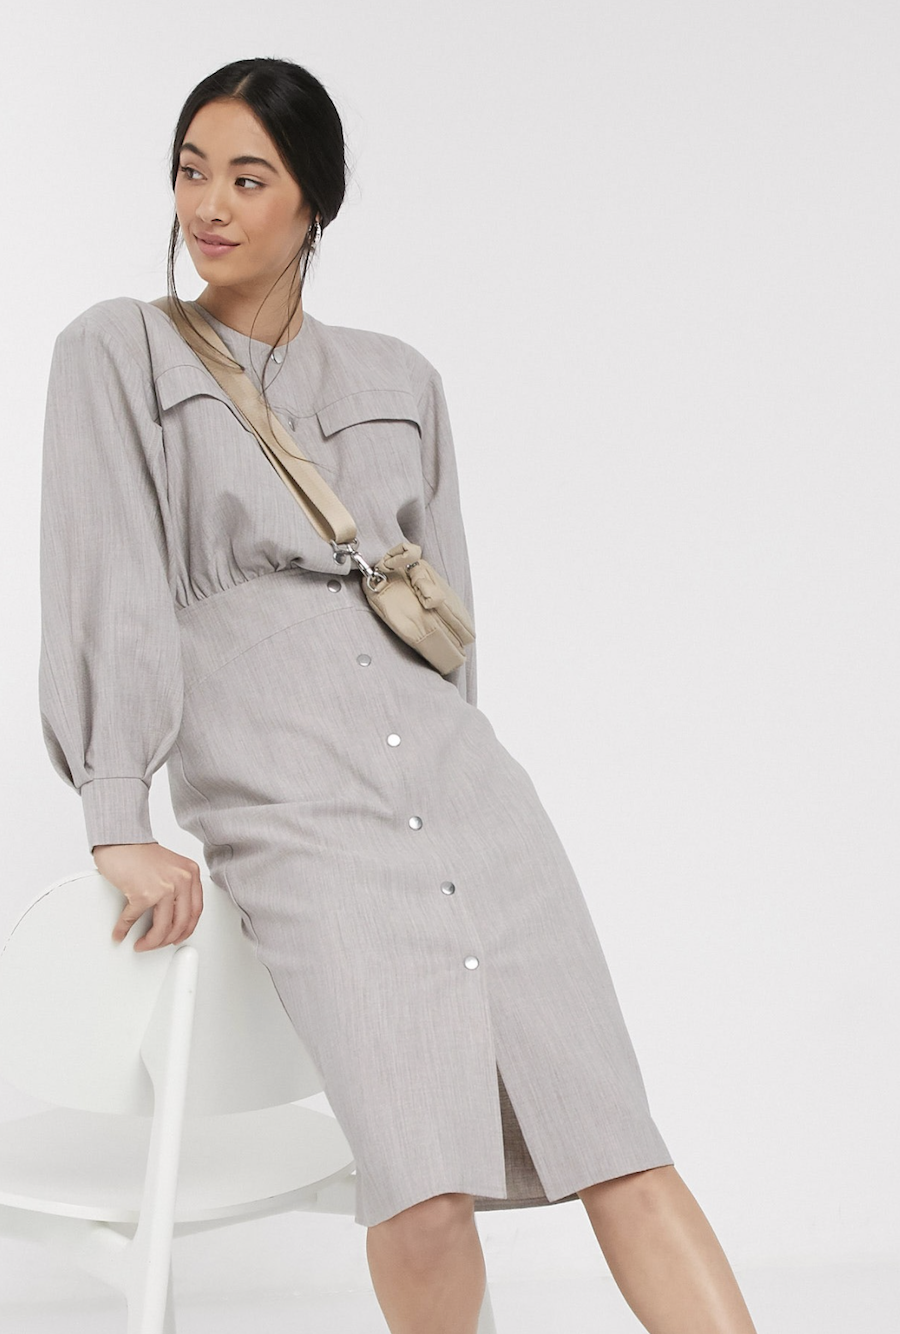 Vestido camisero midi casual texturizado con botones de presión en gris de ASOS DESIGN Premium